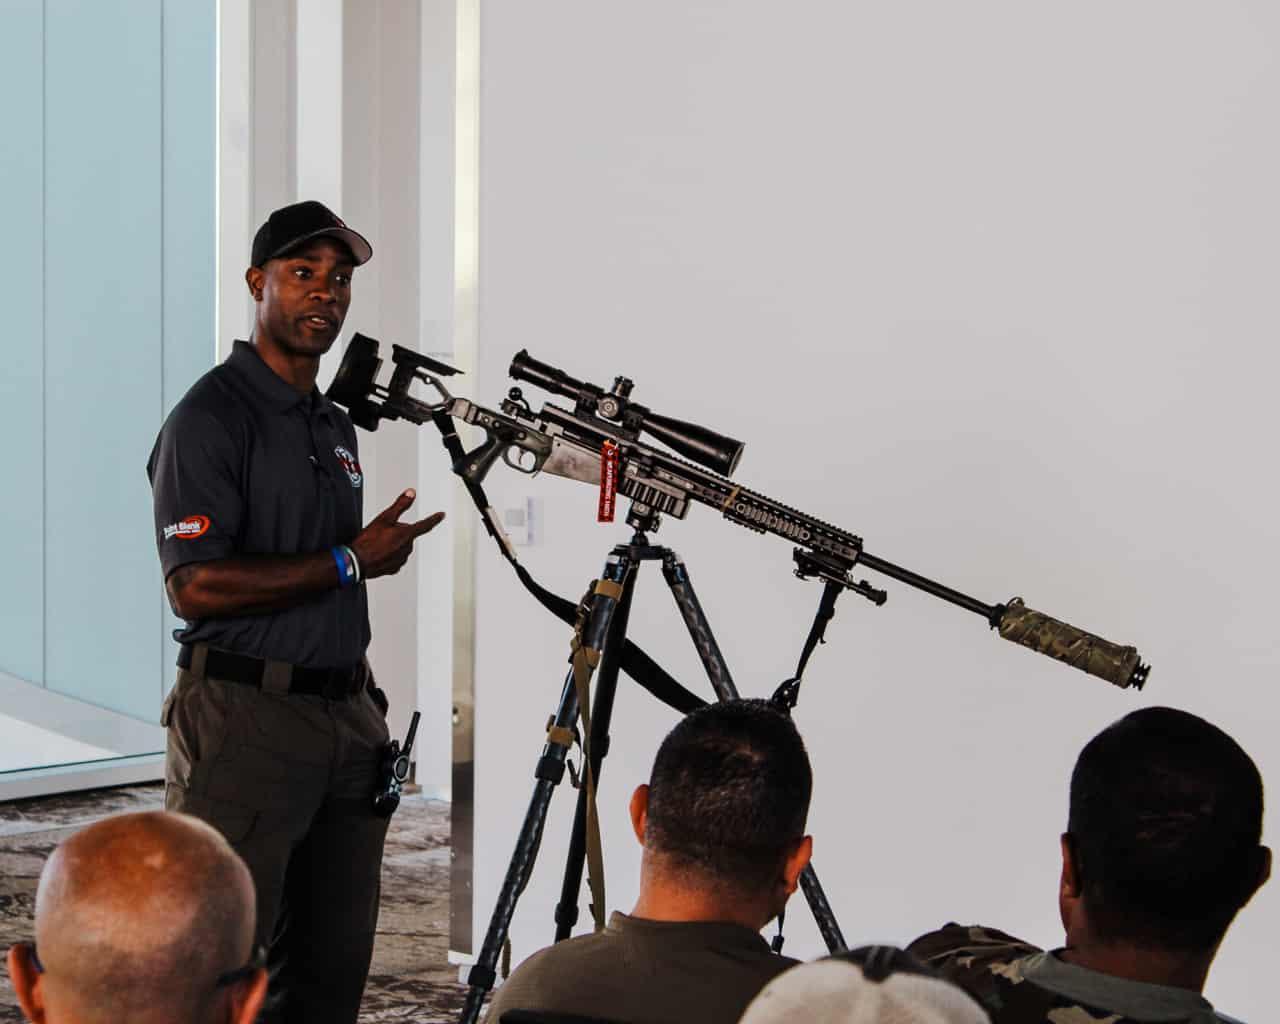 urban-sniper-response-tactics-course-13